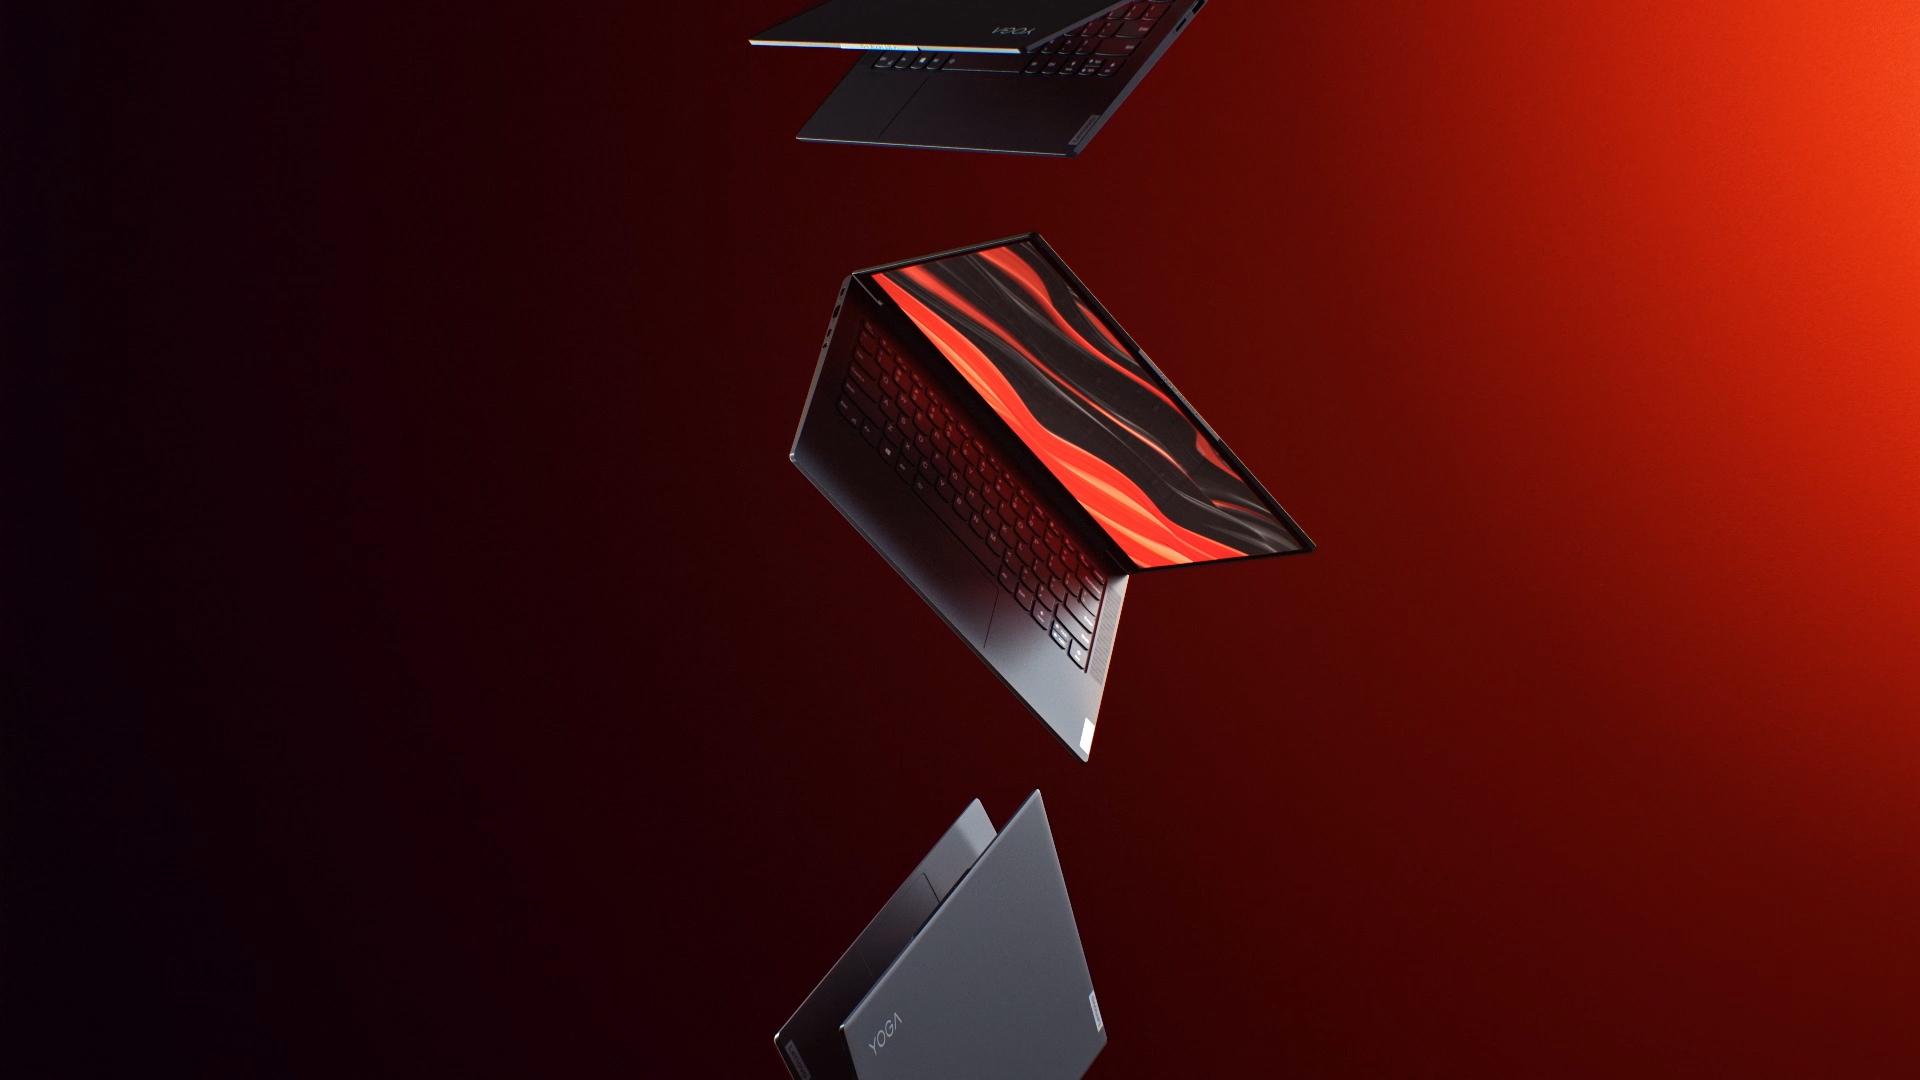 AT_Lenovo_Yoga_frame_03